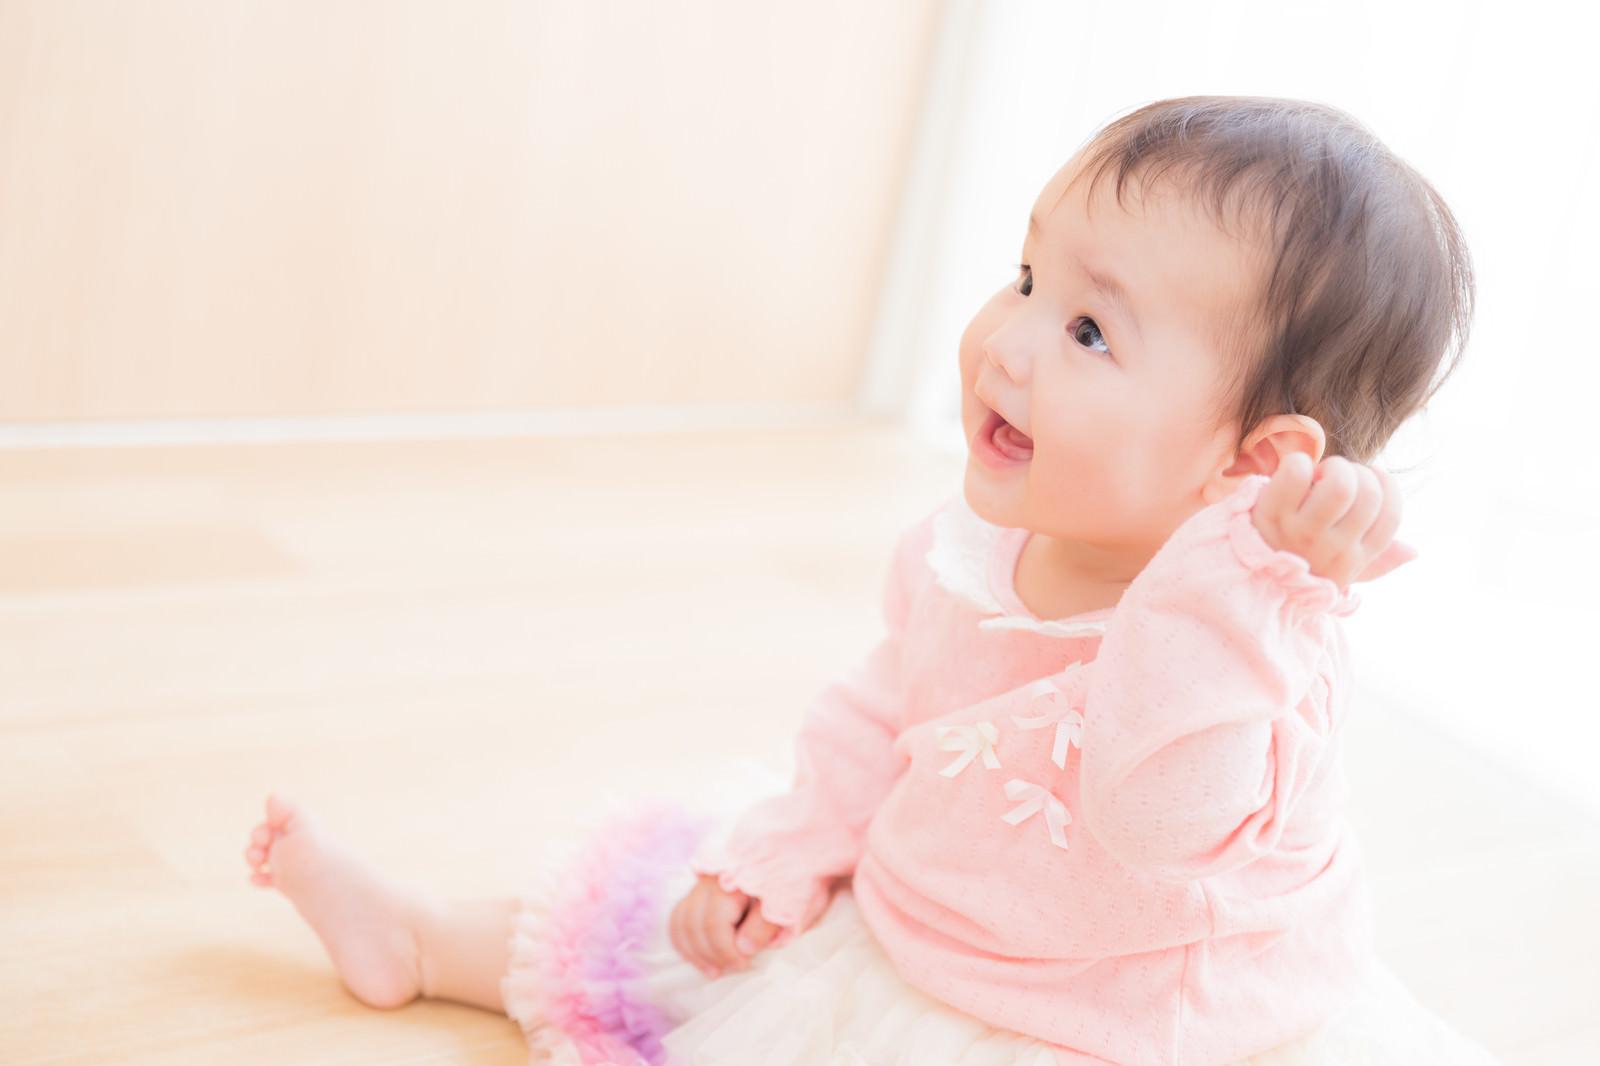 「大人には見えない何かと笑顔で対話する赤ちゃん」の写真[モデル:めぐな]